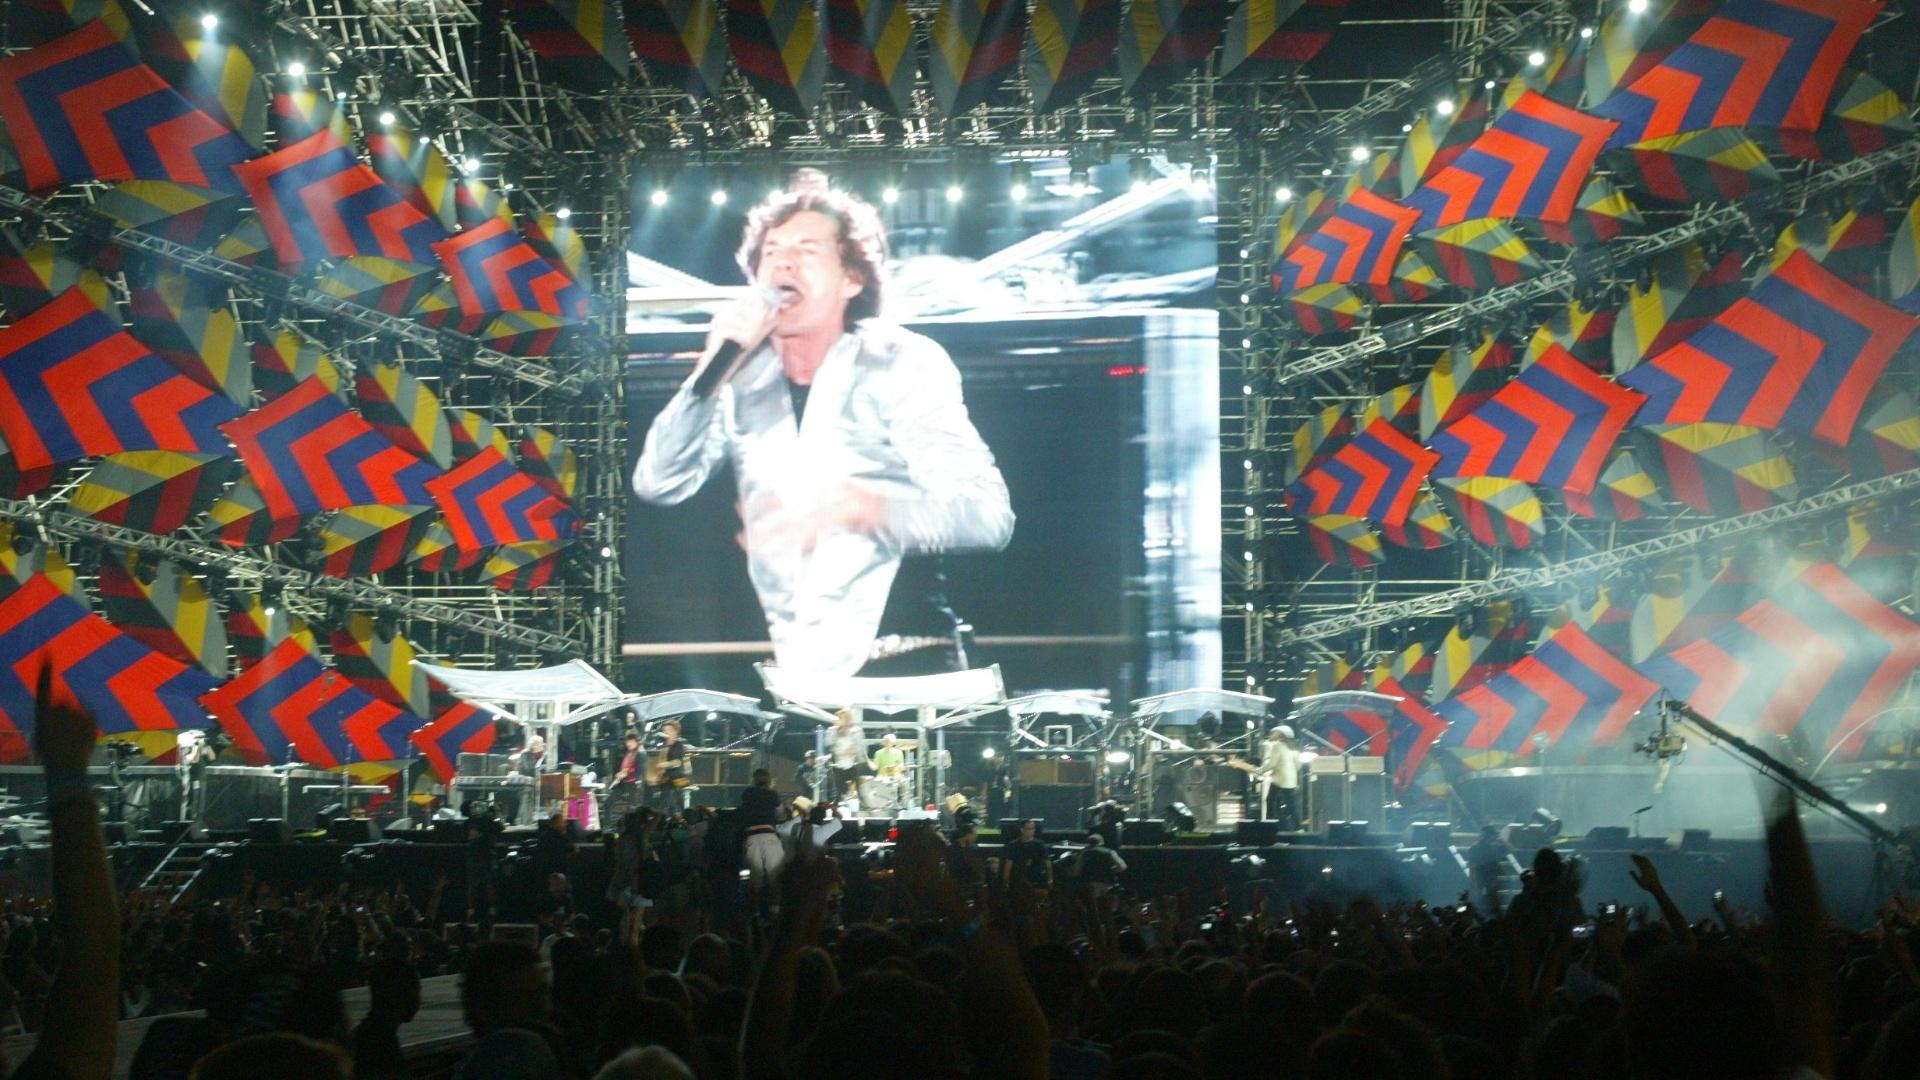 18.fev.2006 - Telão projeta o vocalista dos Rolling Stones, Mick Jagger, durante show na praia de Copacabana, no Rio de Janeiro